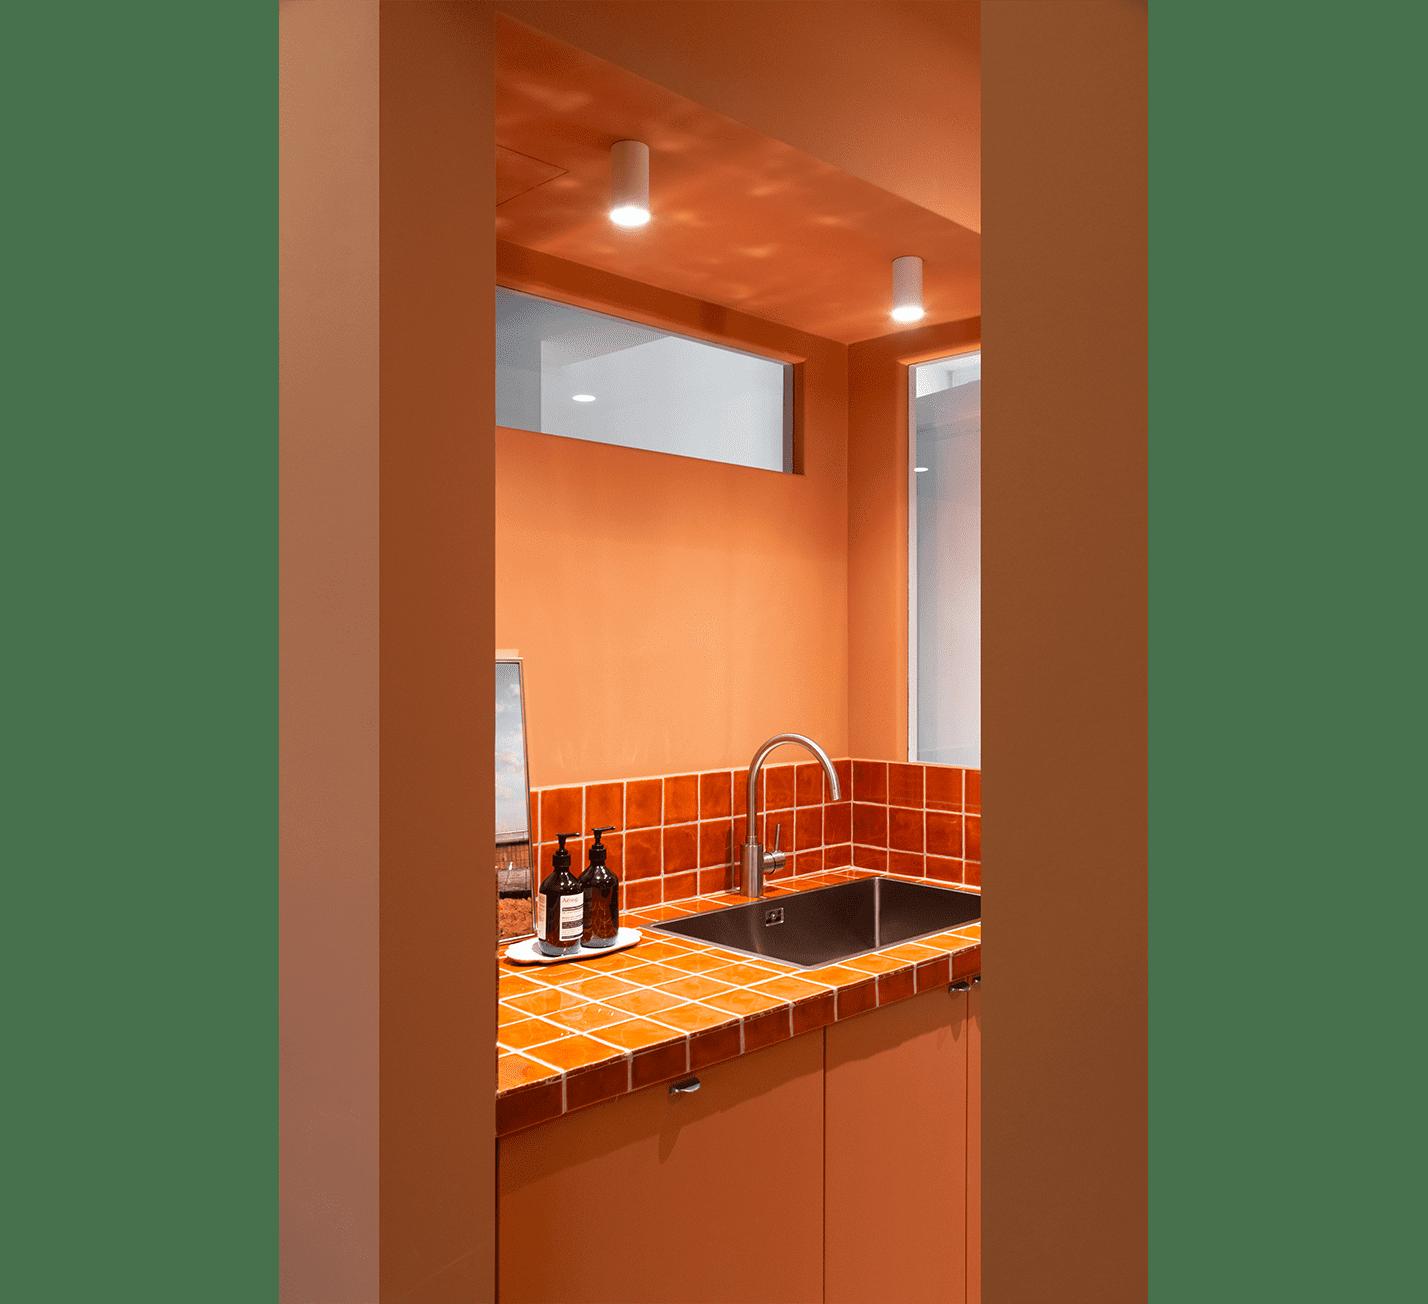 Appartement-Pantin-paris-rénovation-architecture-paris-construction-atelier-steve-pauline-borgia-1